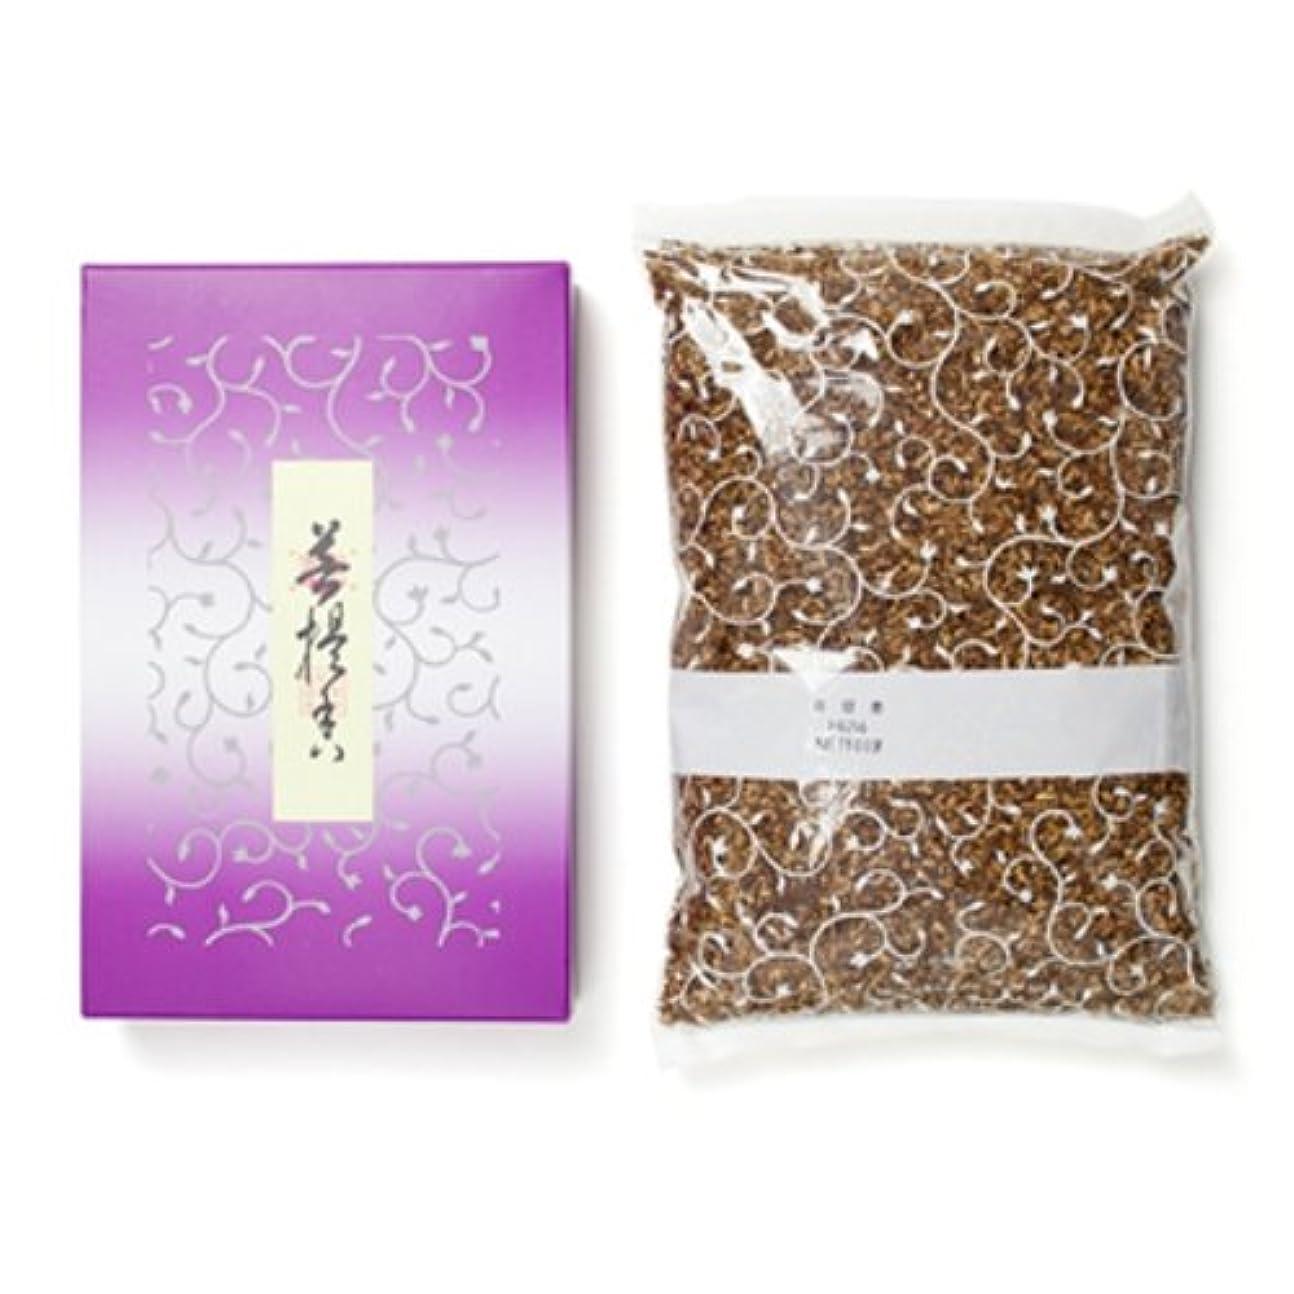 たらいレザー野望松栄堂のお焼香 菩提香 500g詰 紙箱入 #410411